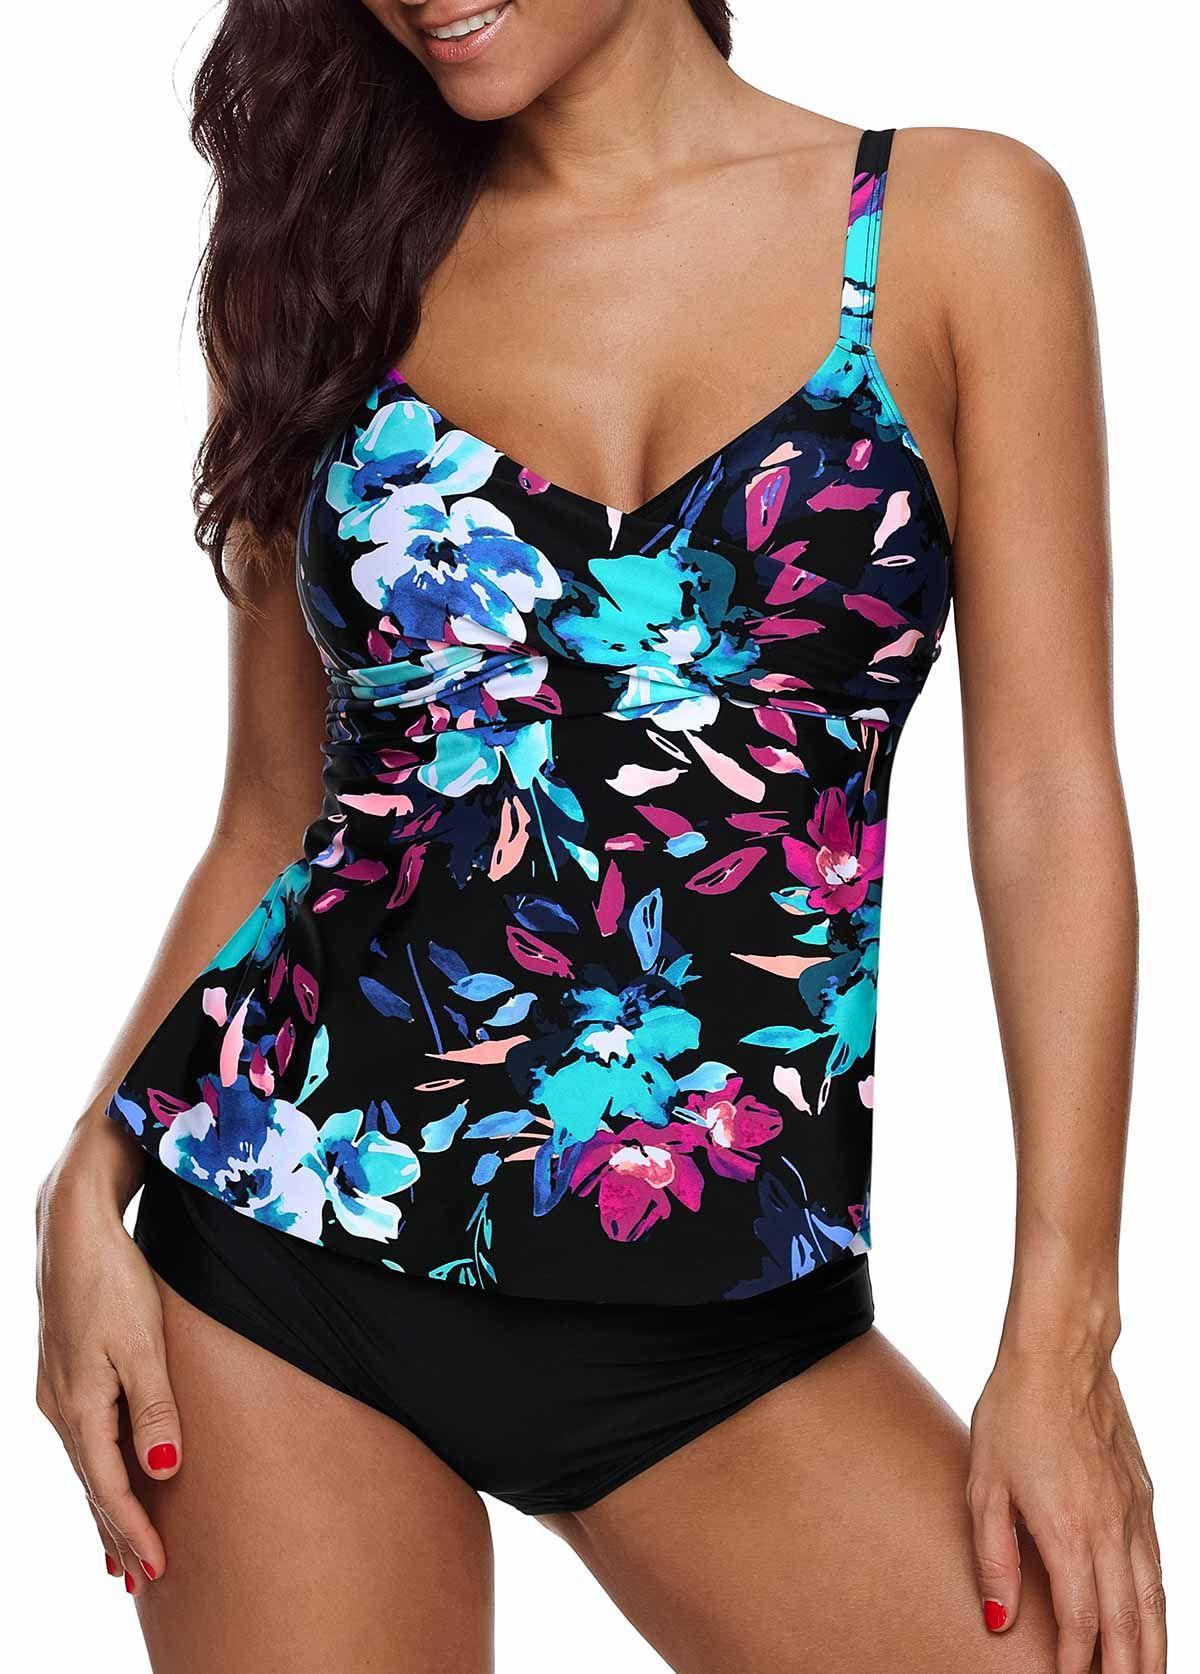 Azokoe 2019 Women Summer Bikini Leaf /& Flower Print Ruched Tankini Set Beach Swimwear